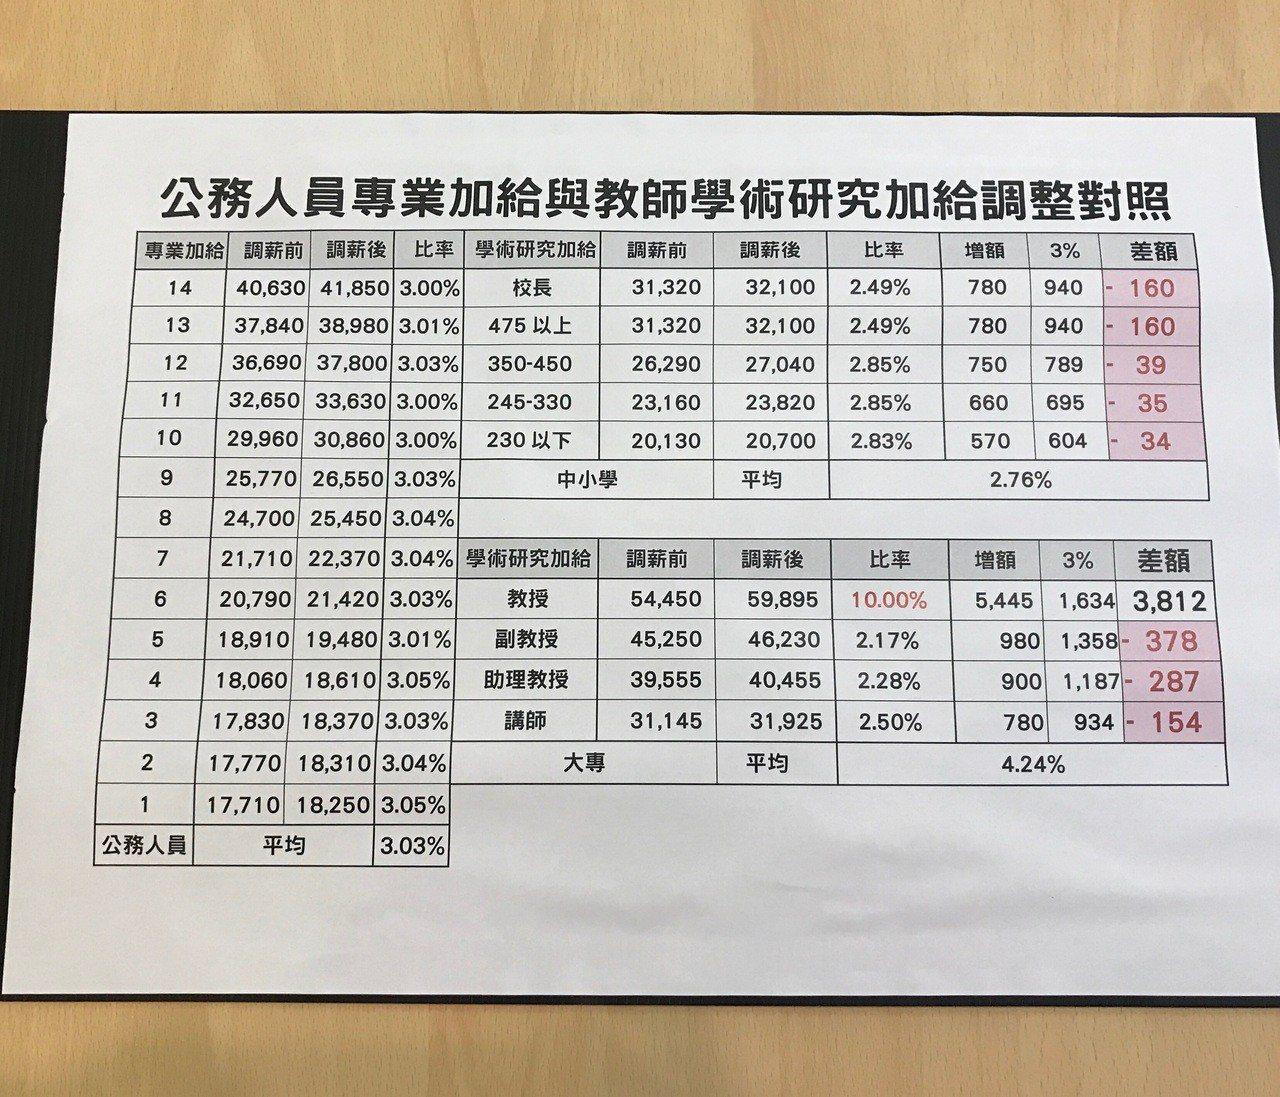 公務人員專業加給與學術研究加給調整對照表。記者余靖瑩/攝影